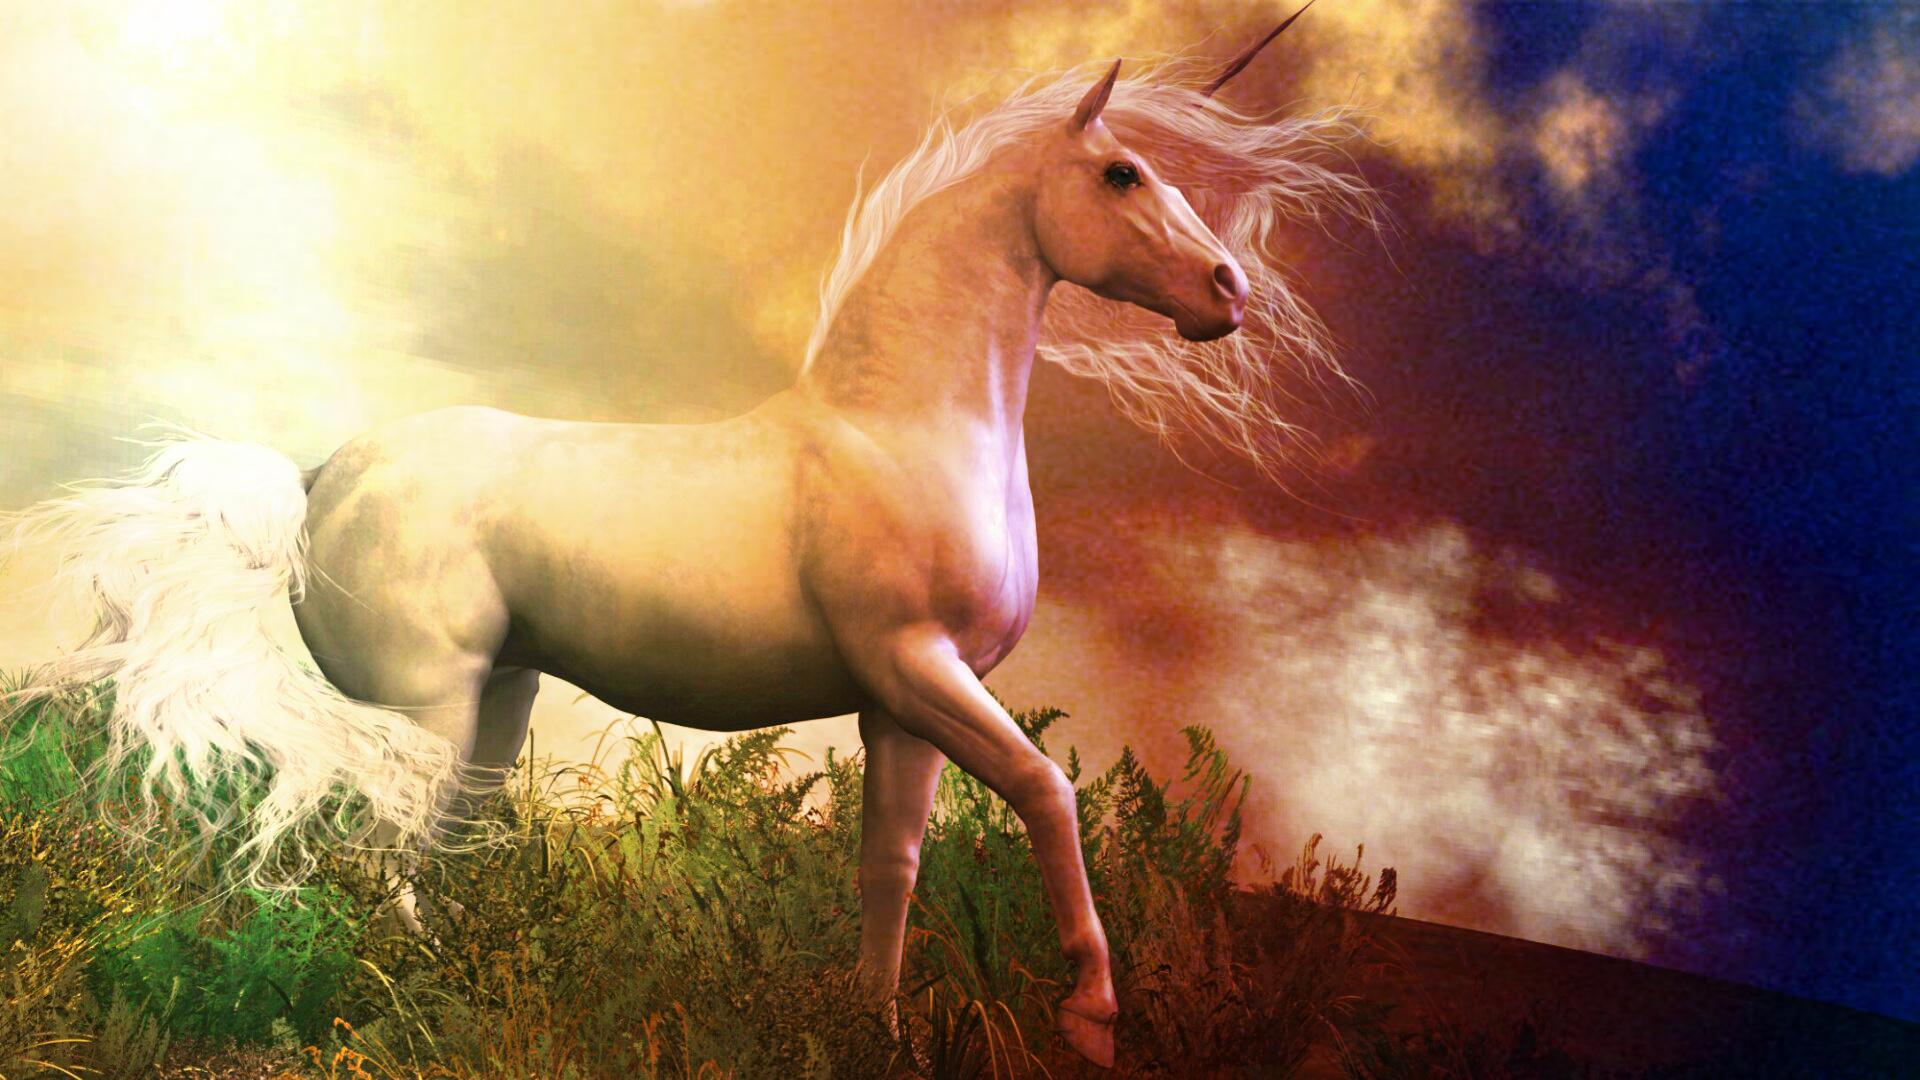 Unicorn background 13